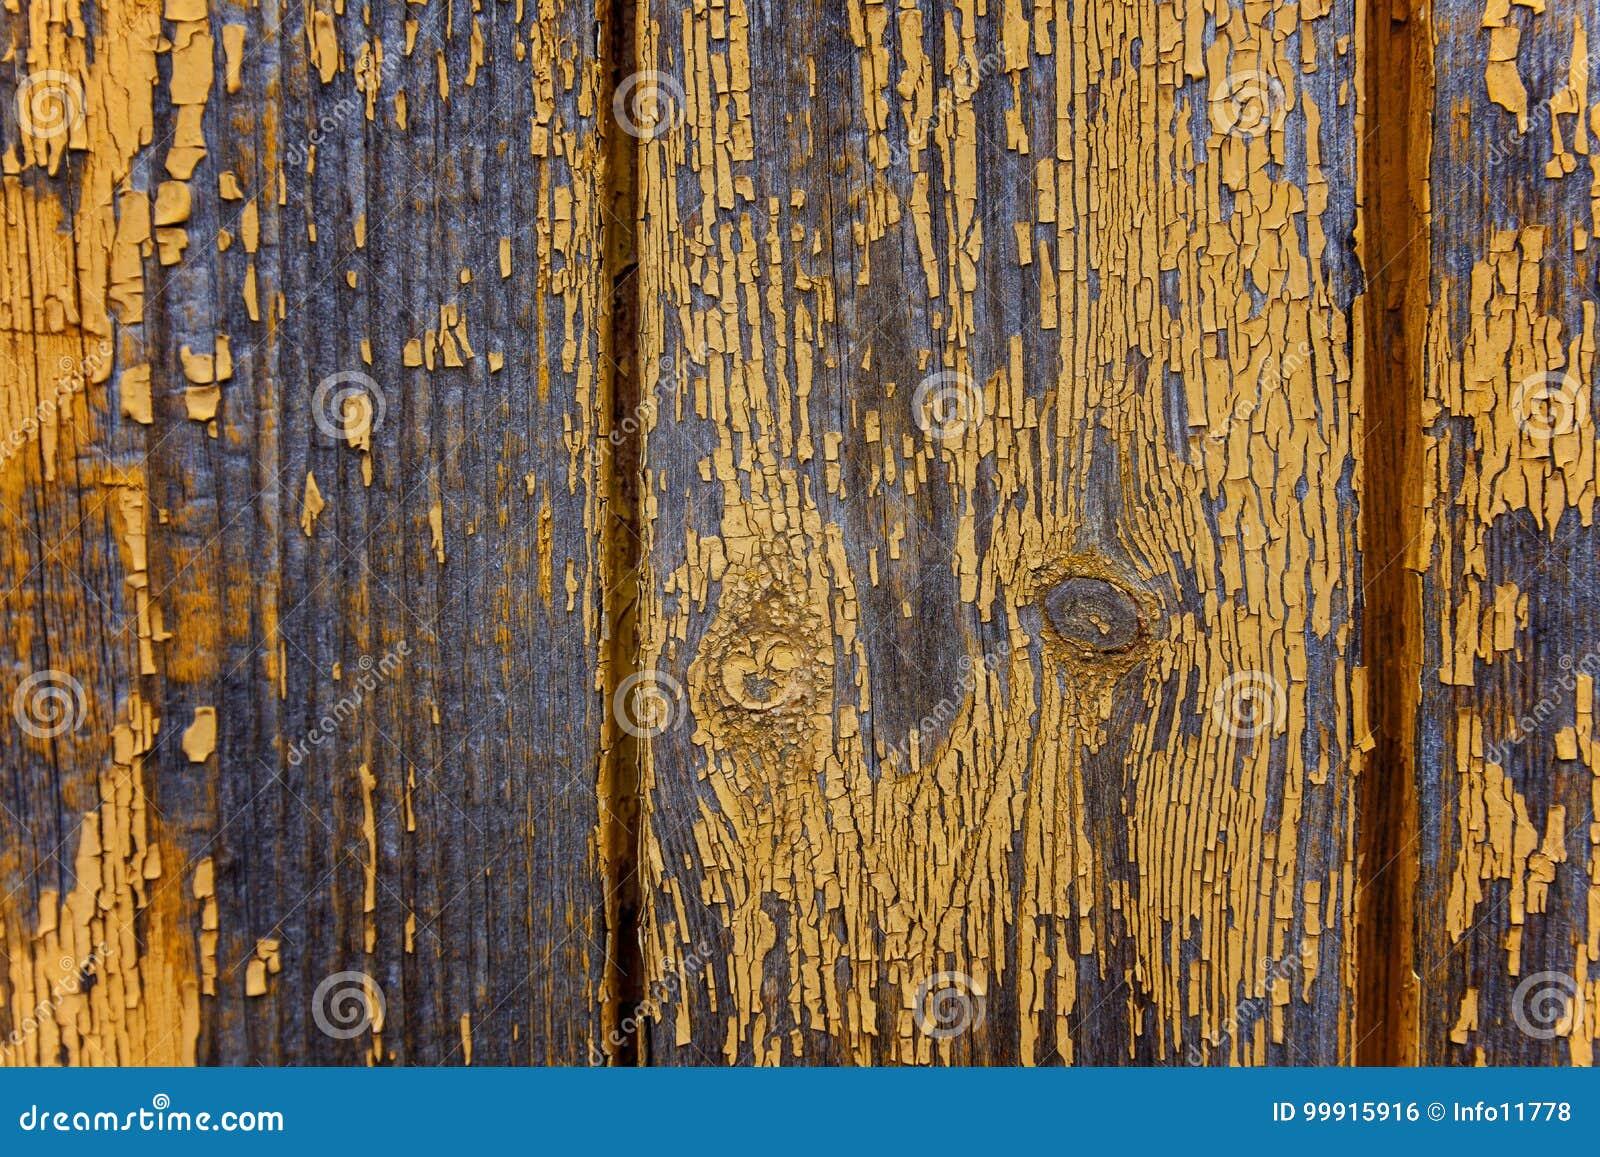 Υπόβαθρο από μια ξύλινη shabby σανίδα